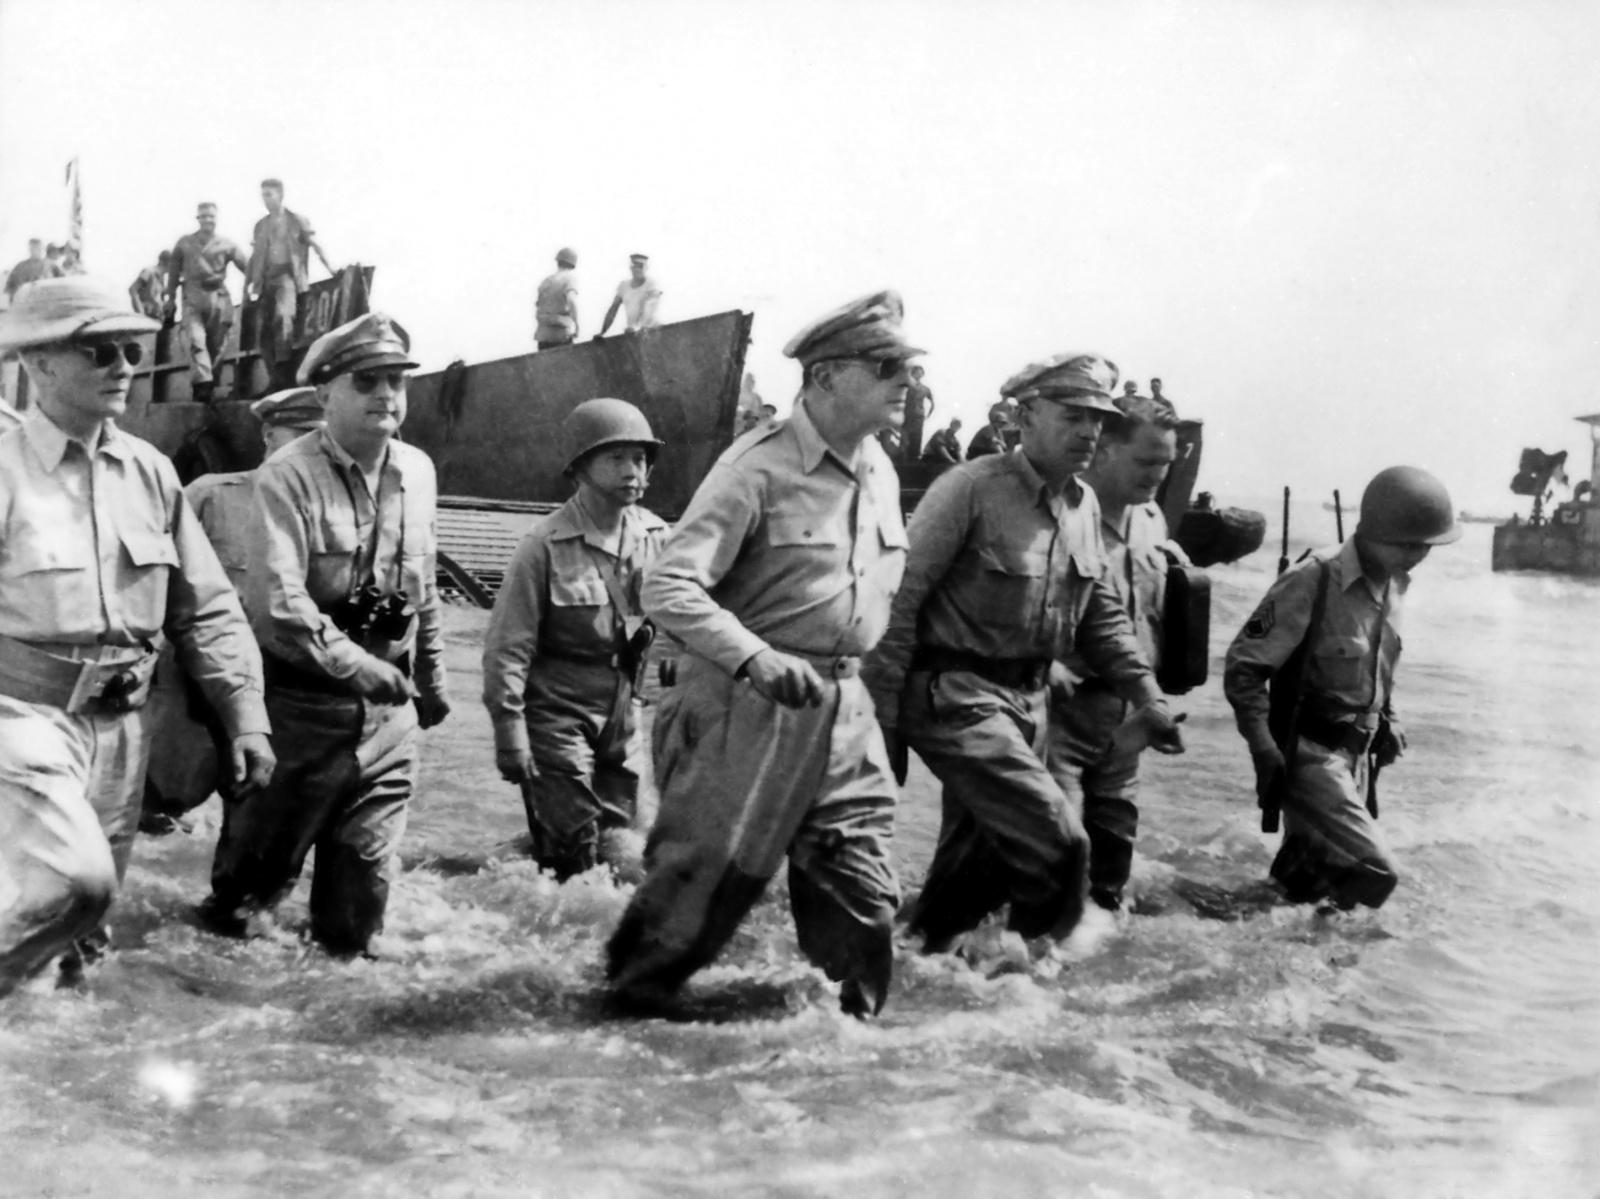 麥克阿瑟將軍(中)在菲律賓視察。(公有領域)